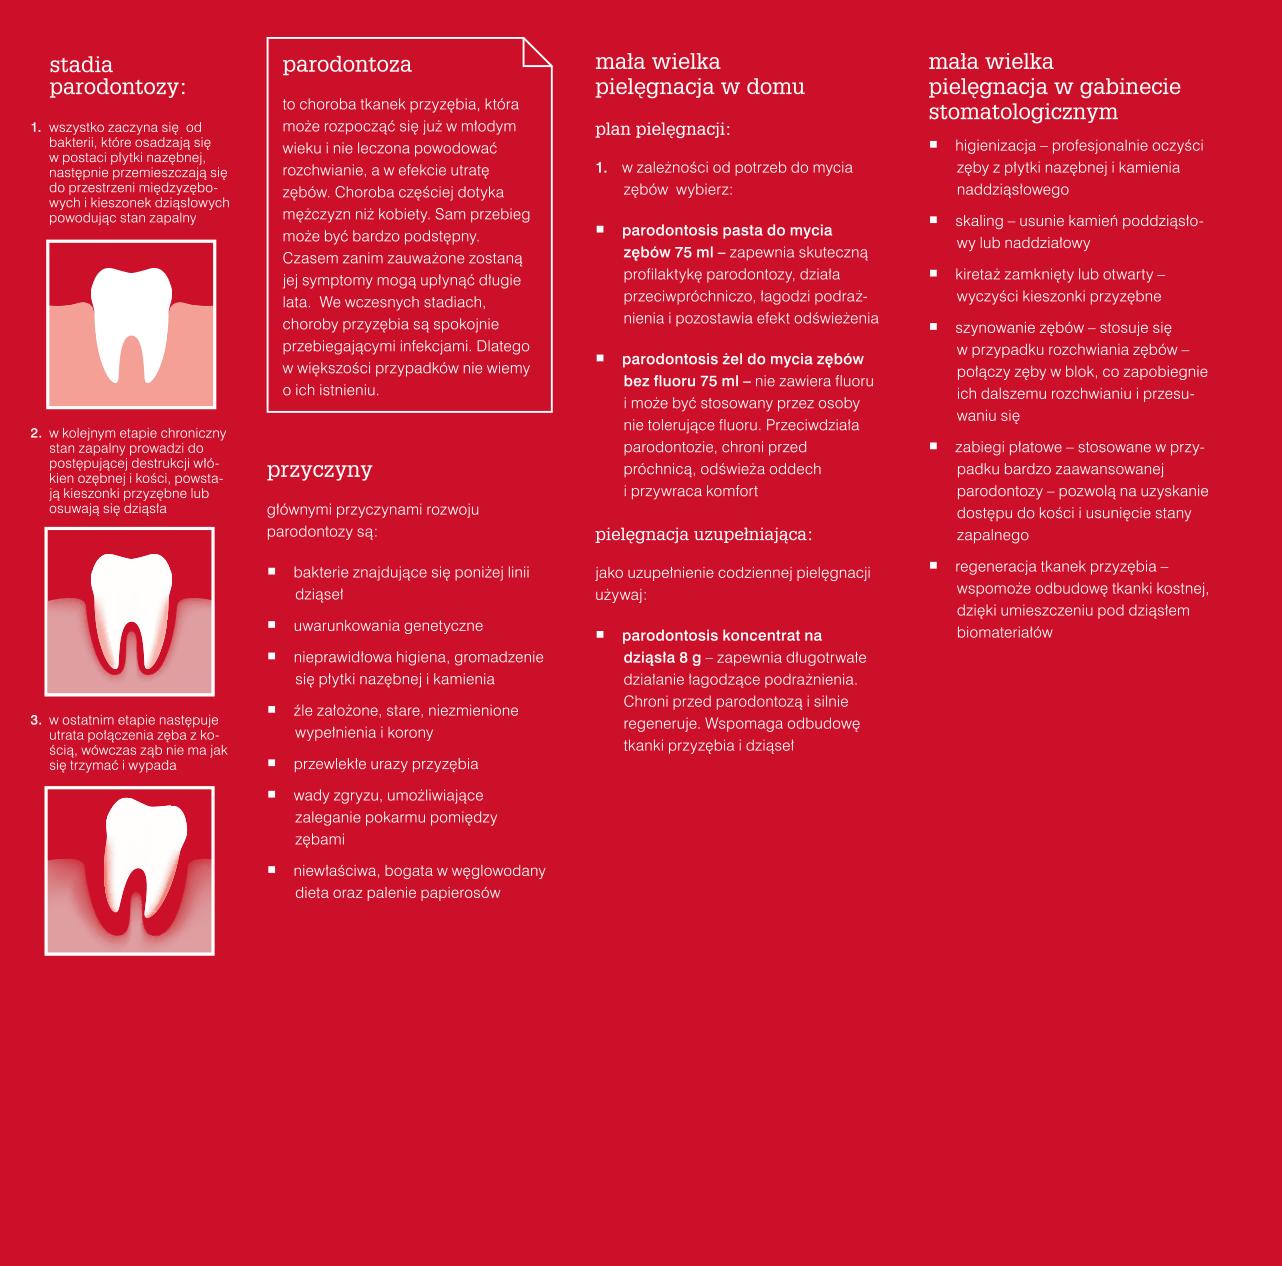 tołpa parodontosis